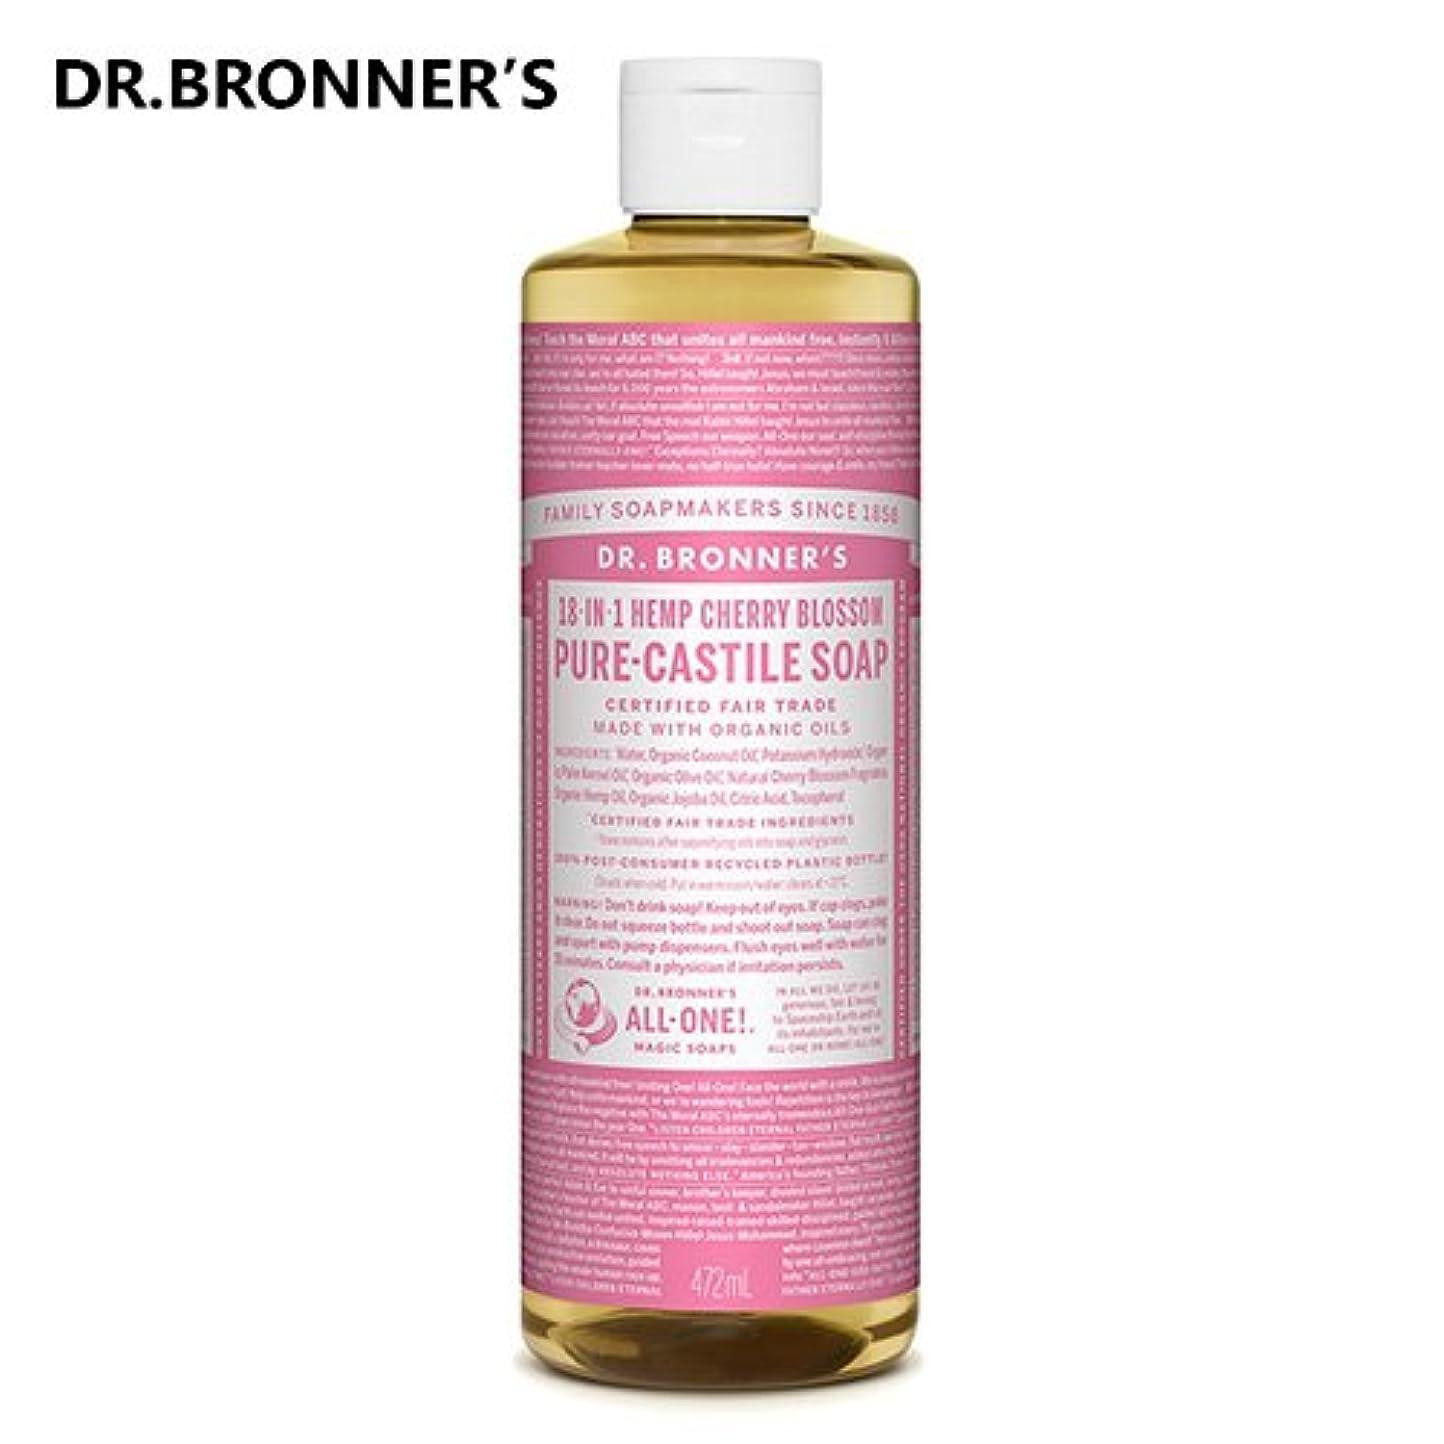 すり読み書きのできないフルーツ野菜ドクターブロナー マジックソープ チェリーブロッサム 472ml ドクターブロナー DR.BRONNER'S